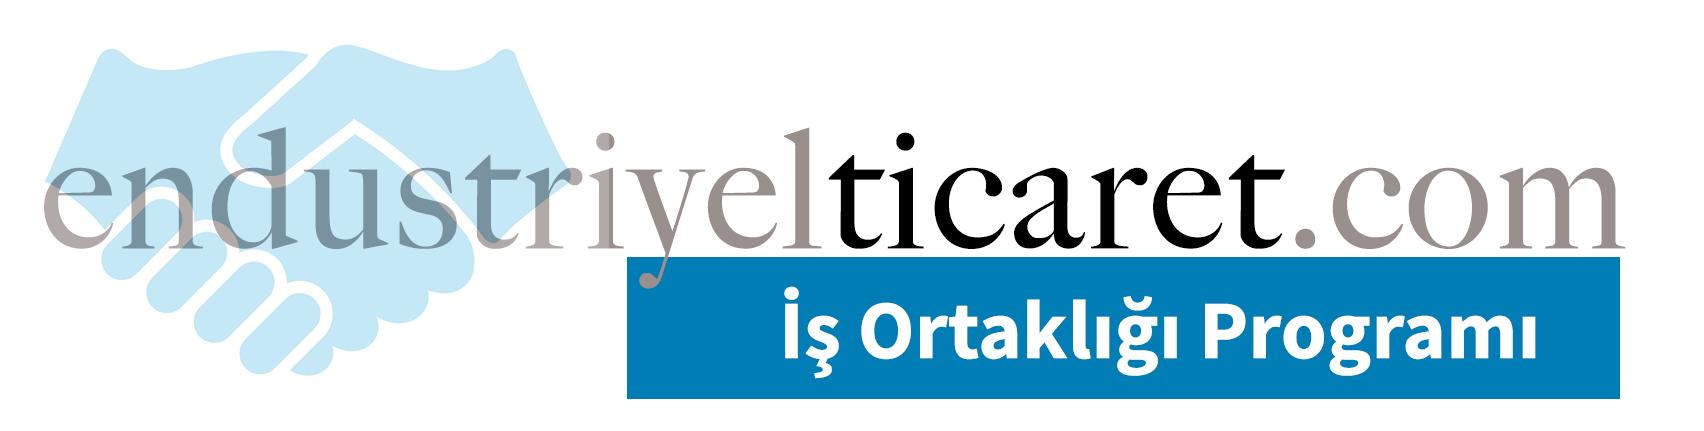 http://www.tedarikzinciri.org/wp-content/uploads/2015/12/endustriyelticaret1.jpg